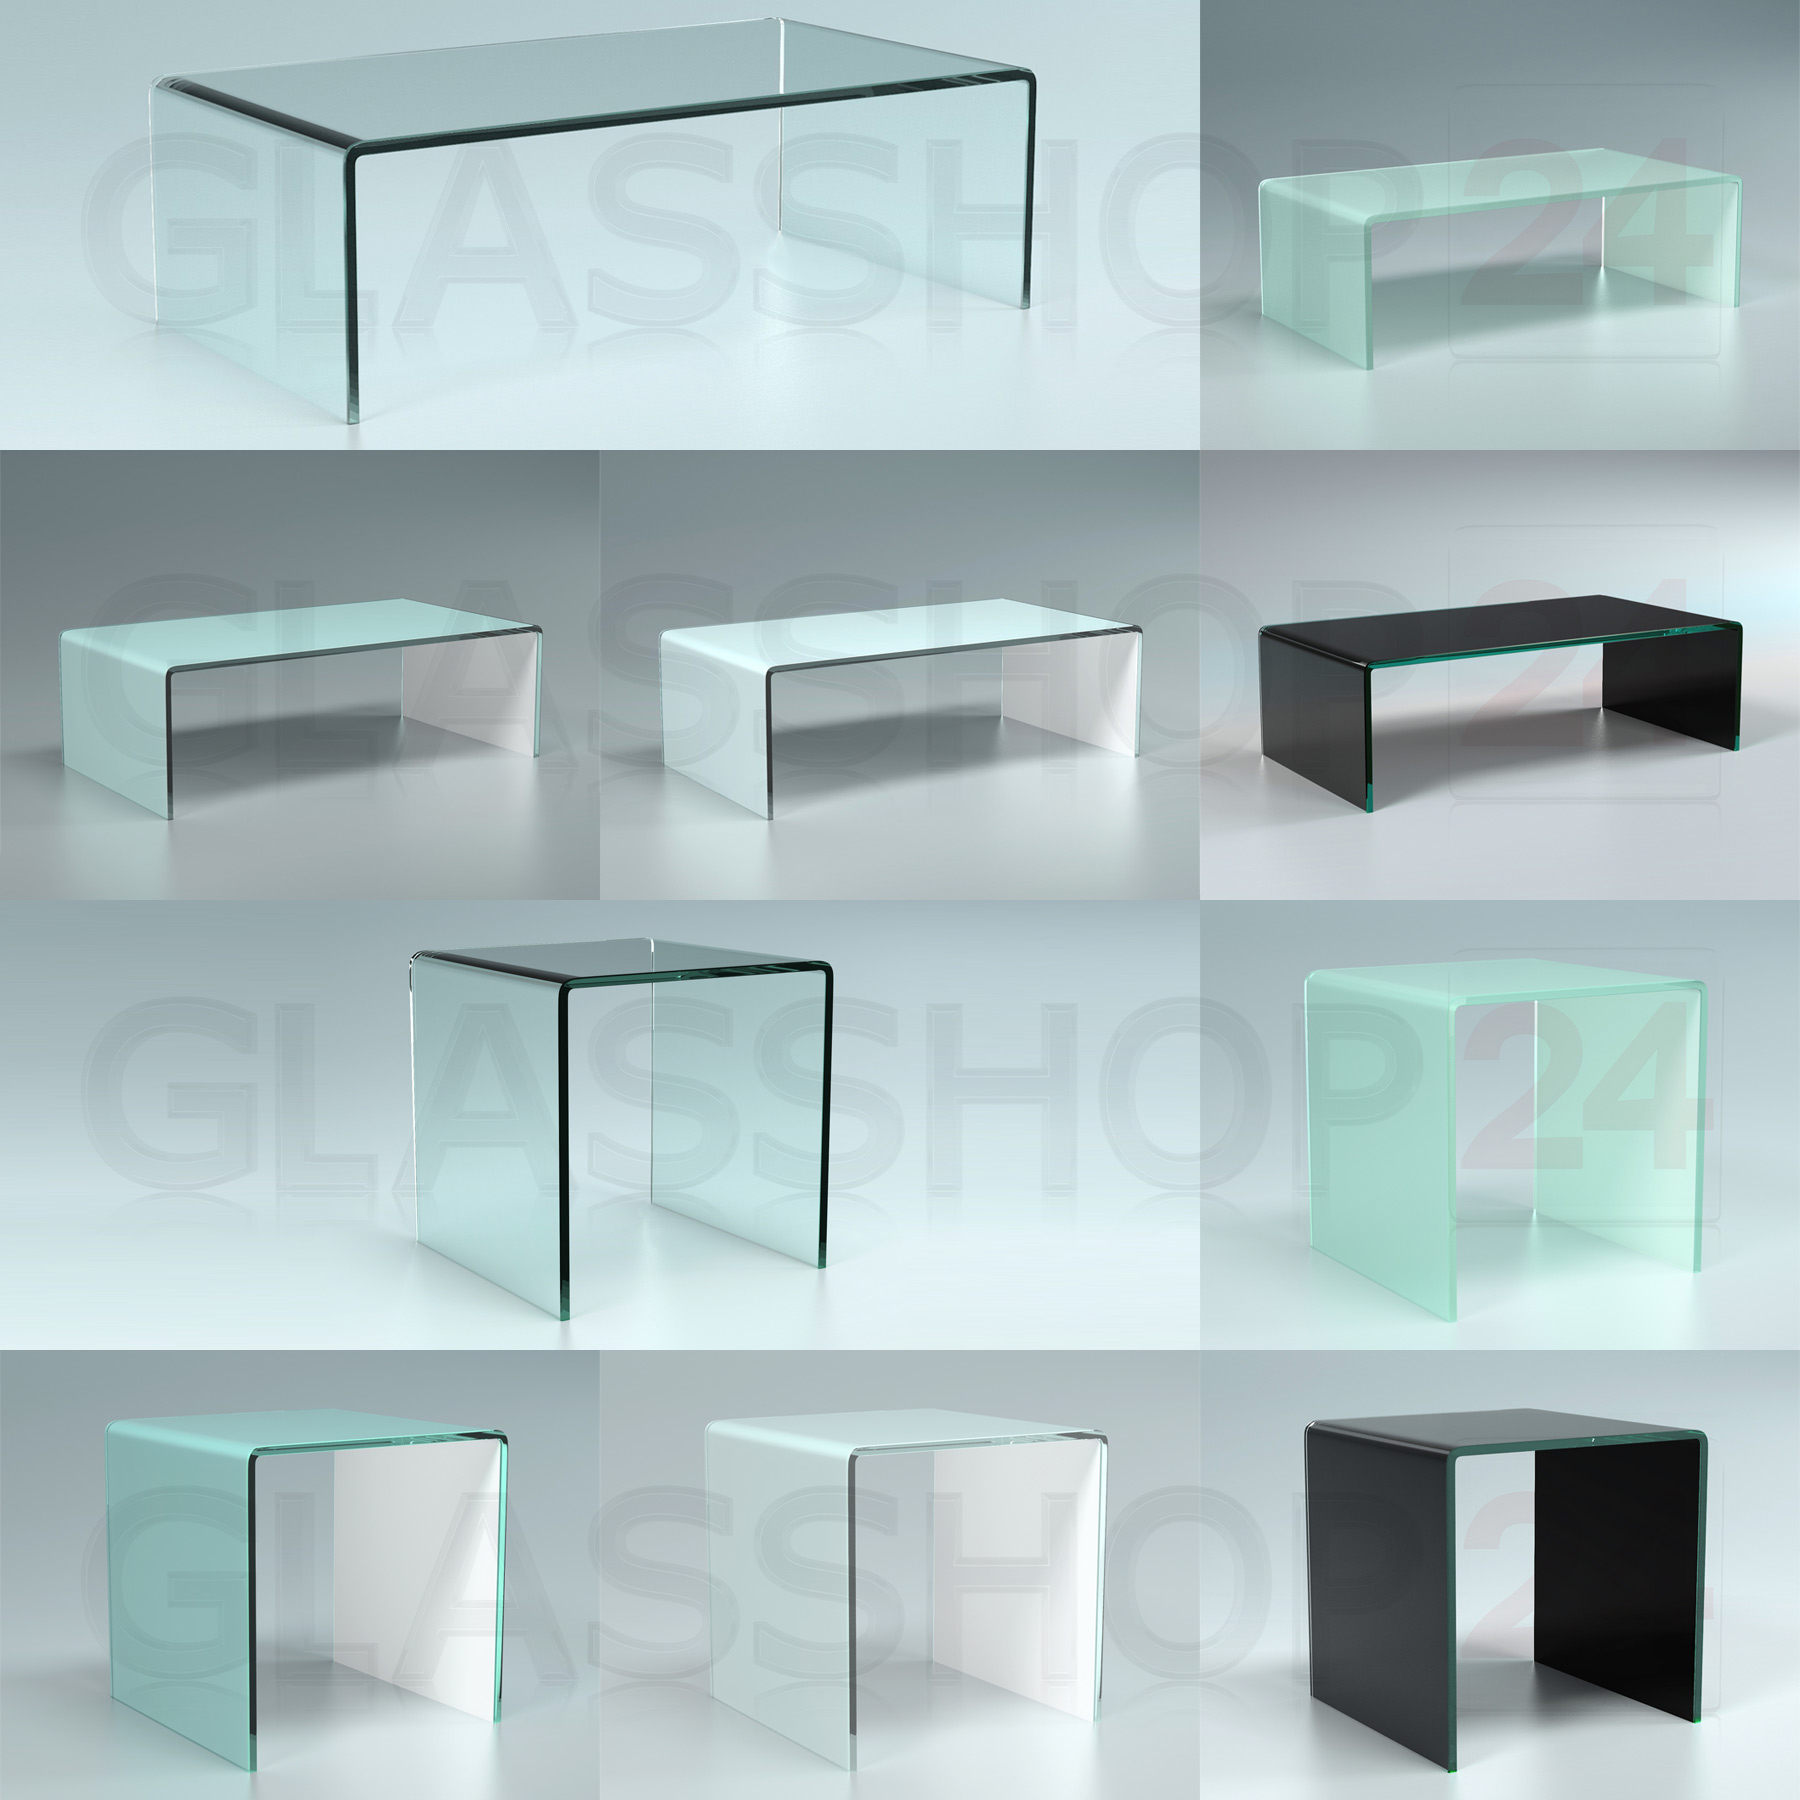 Couchtisch Glas Schwarz Design couchtisch glastisch